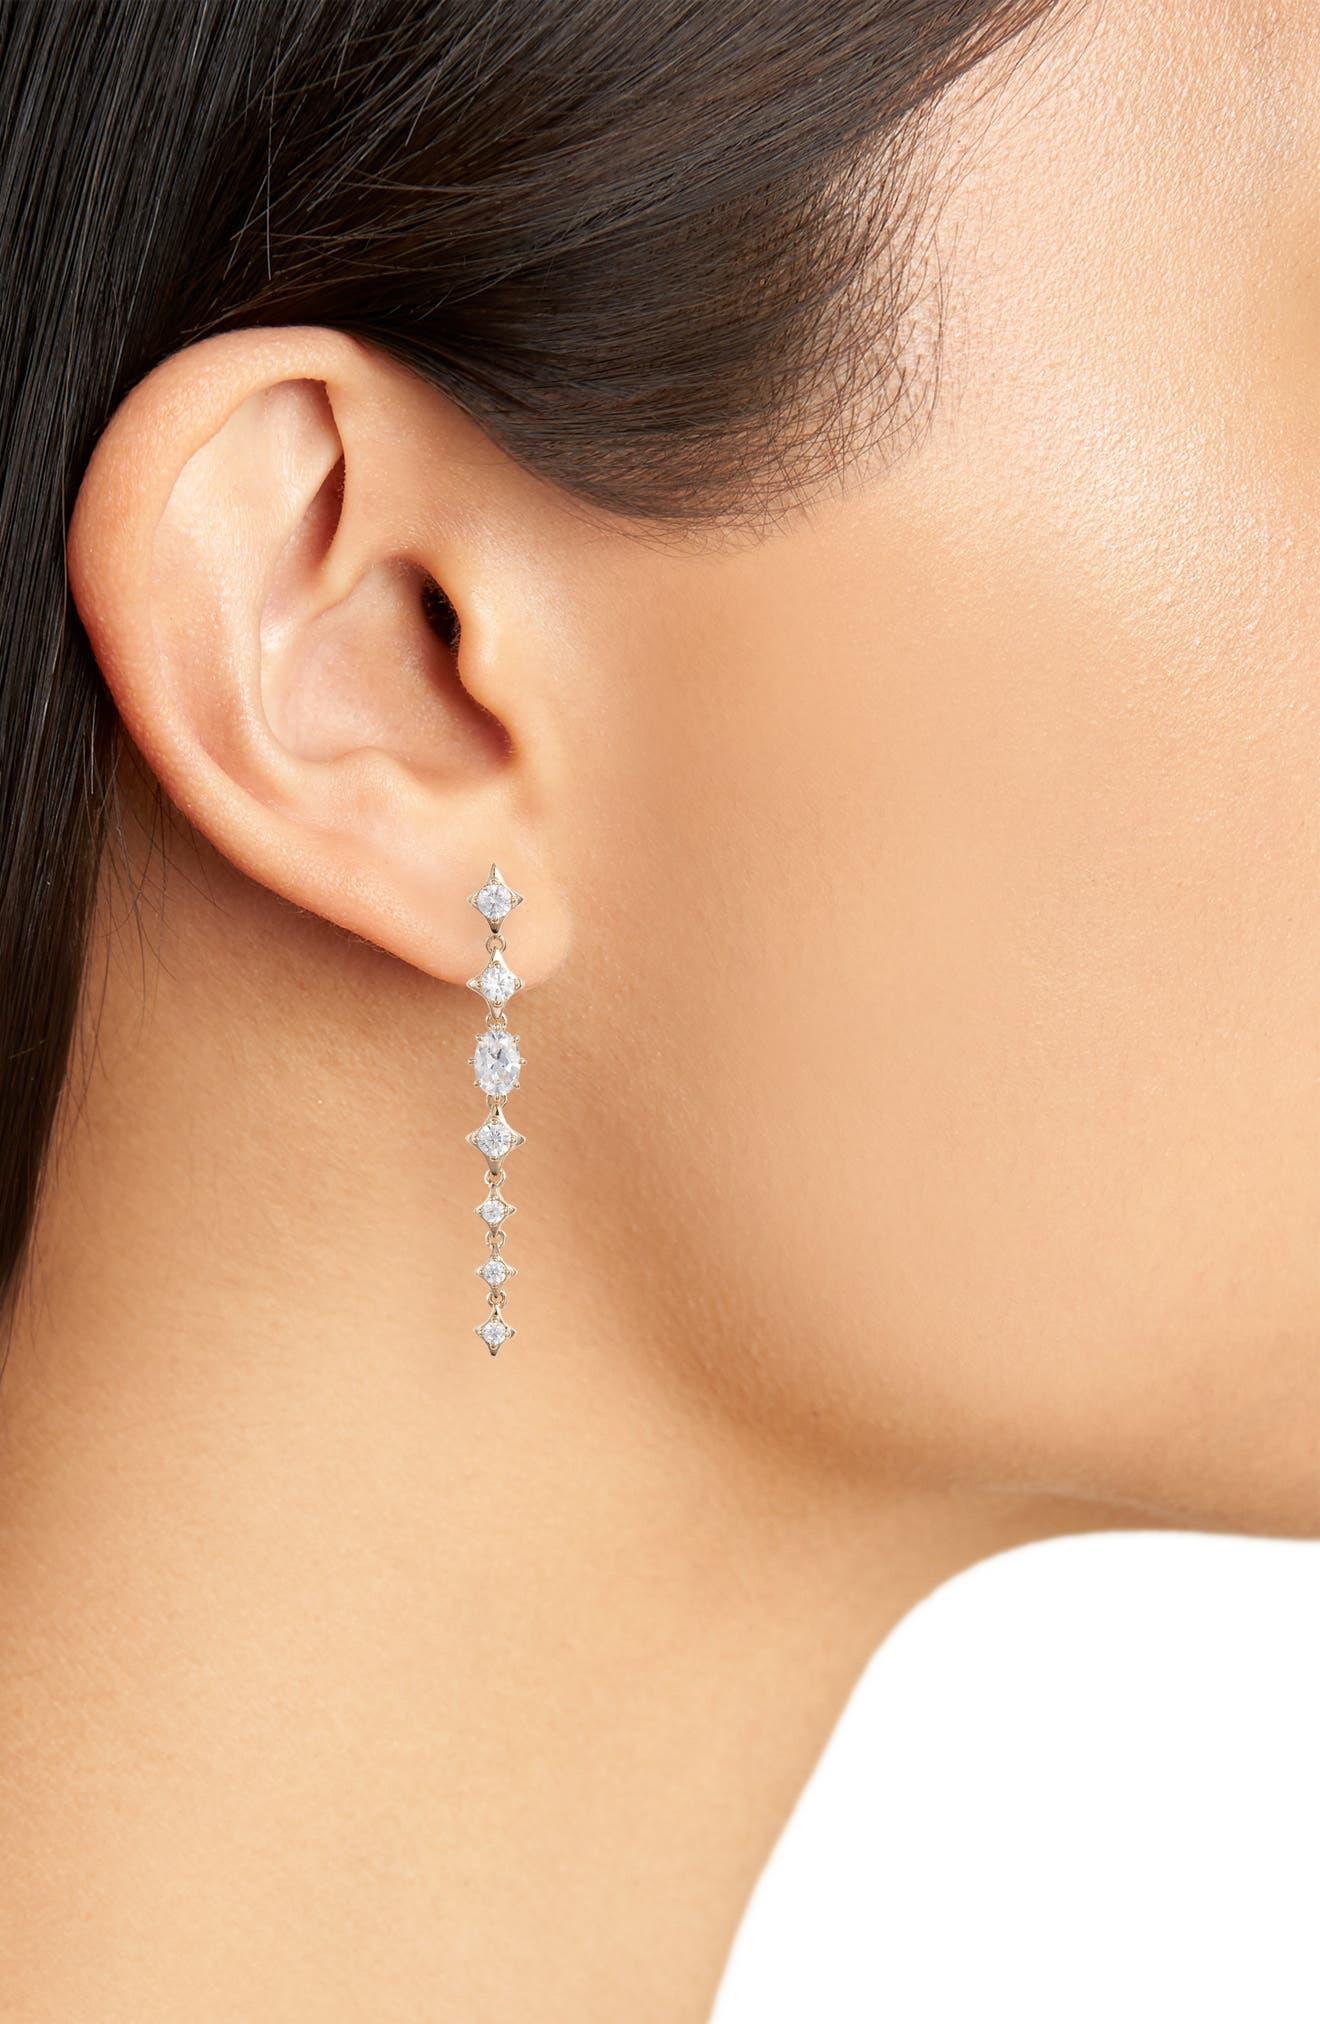 Boho Linear Drop Earrings,                             Alternate thumbnail 6, color,